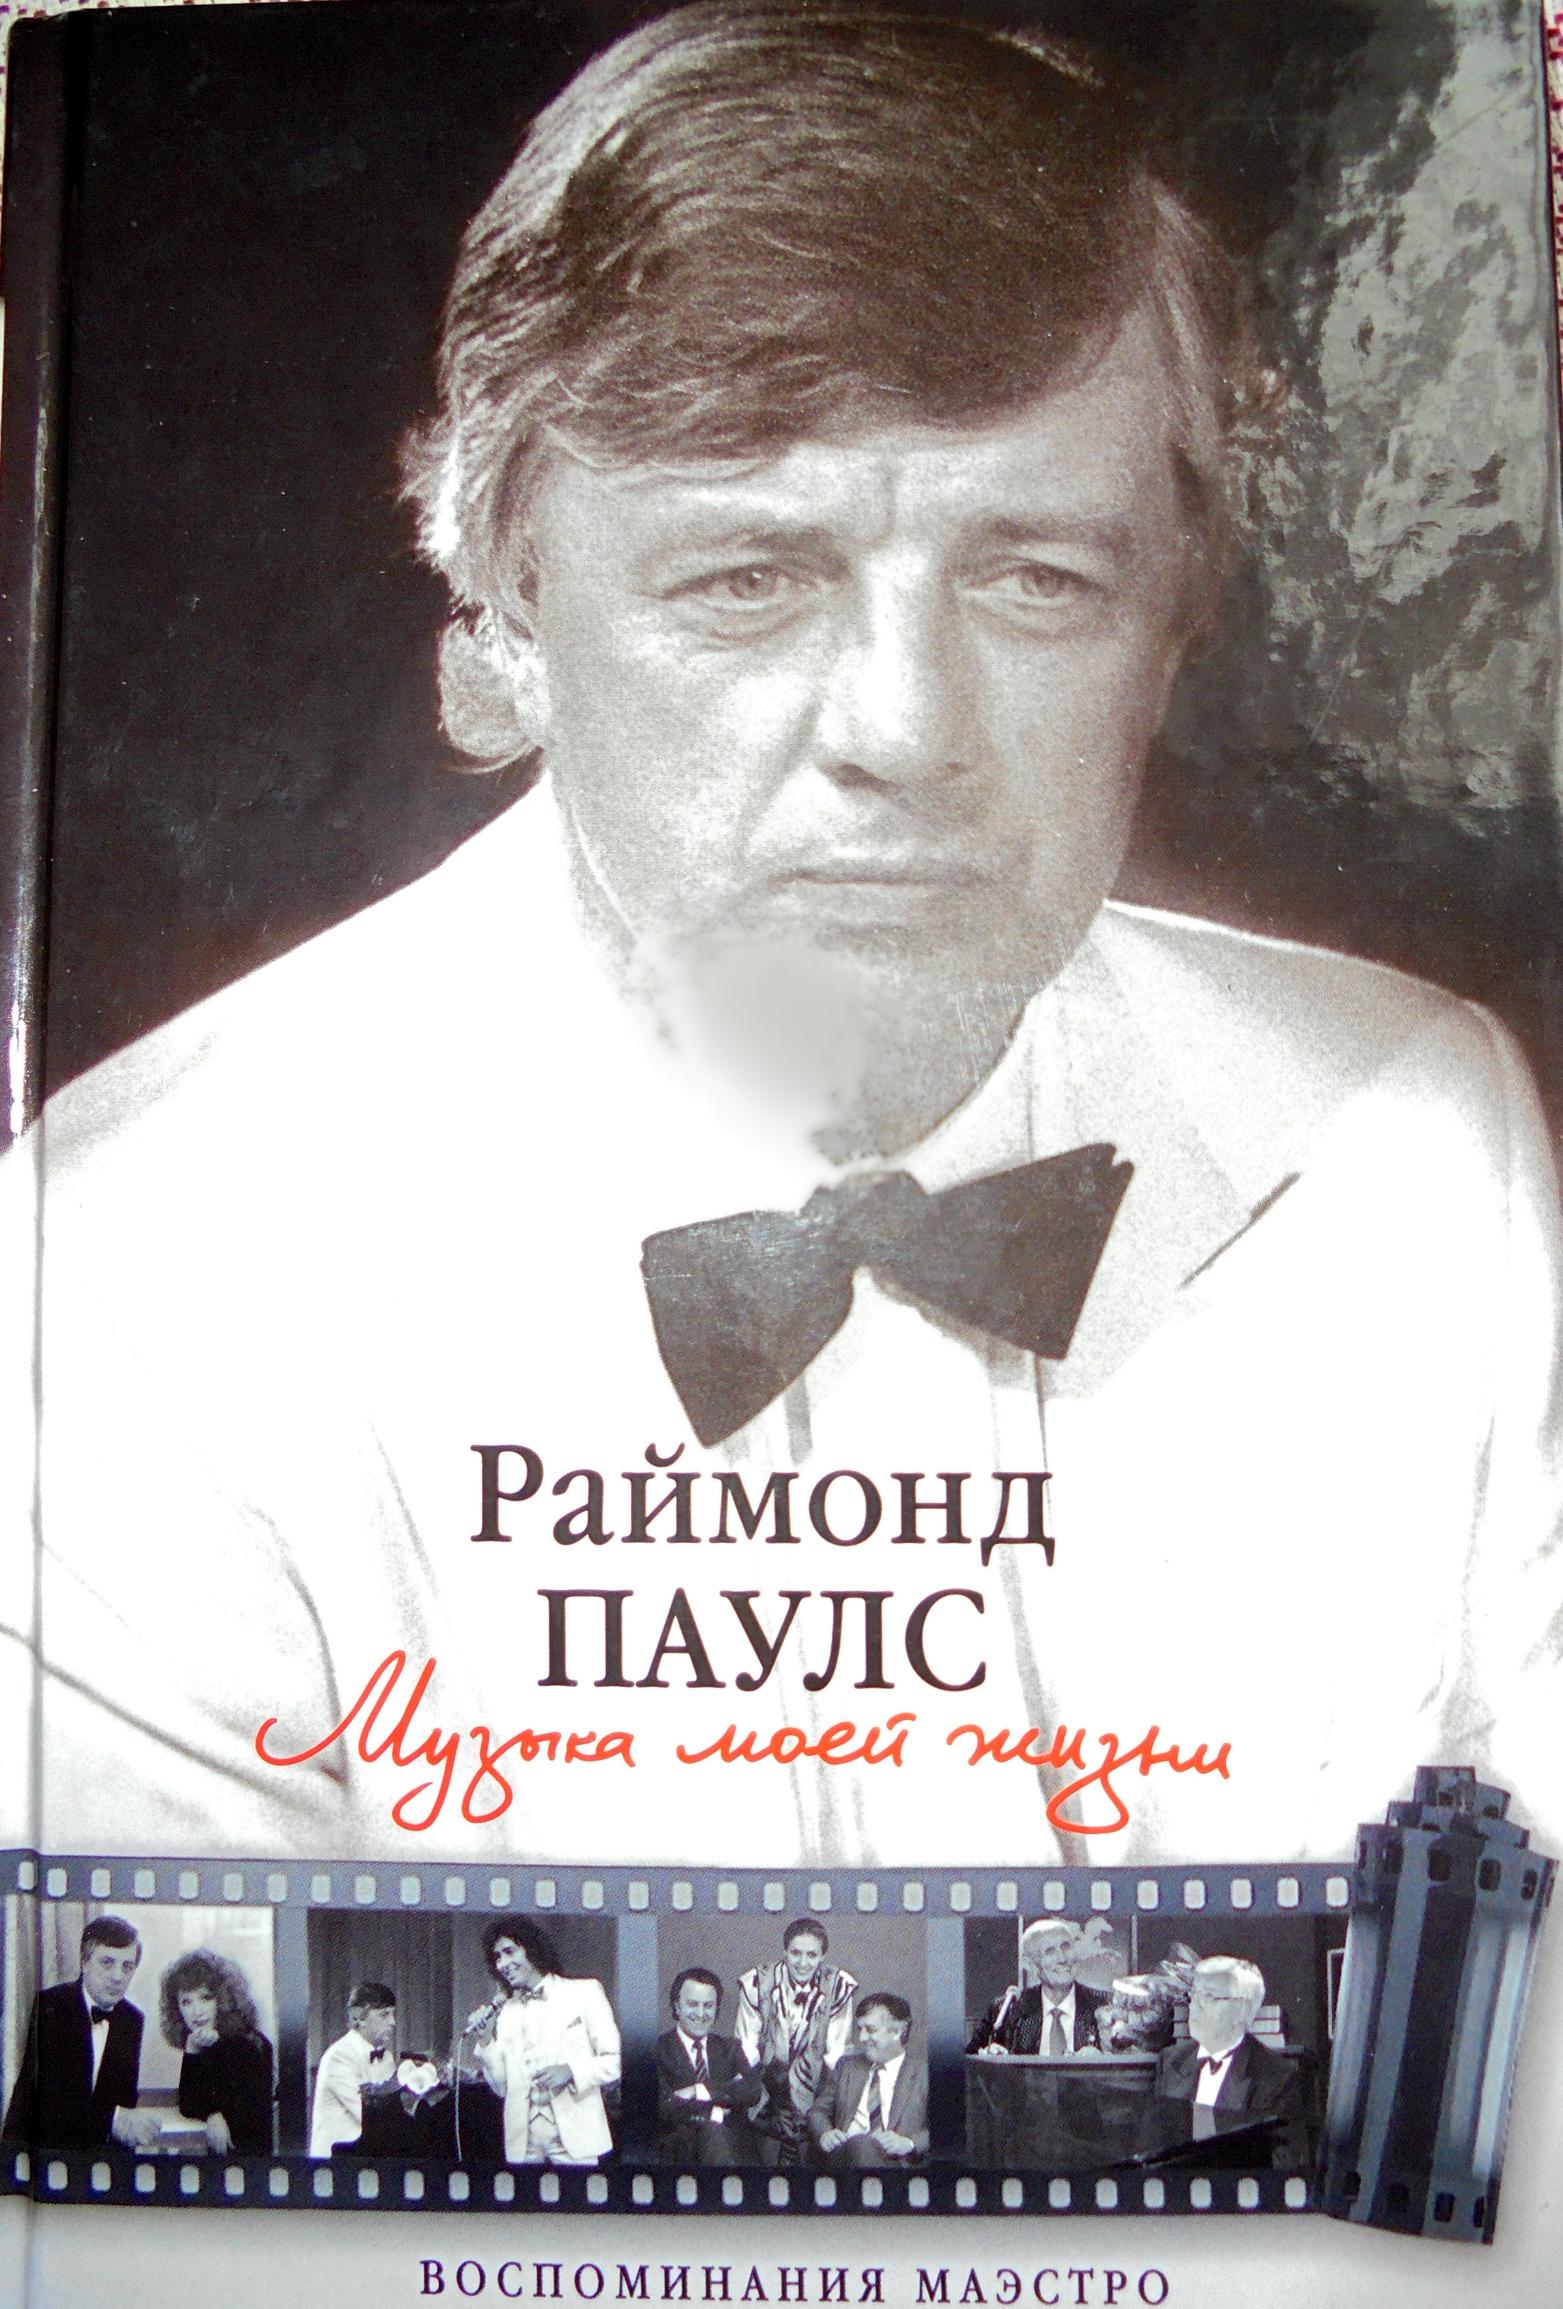 http://s2.uploads.ru/S8LwQ.jpg